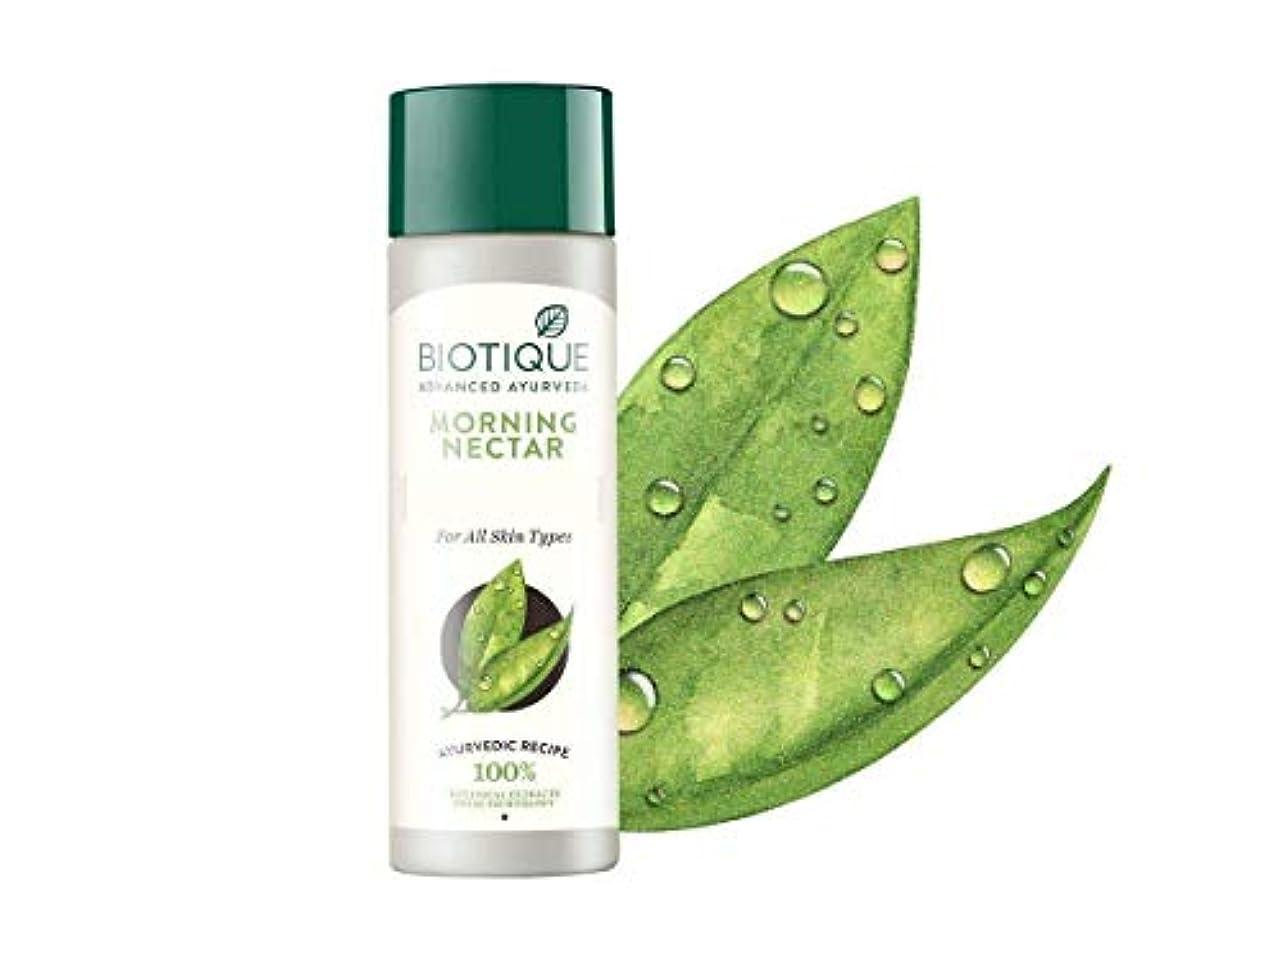 ママ古くなった想起Biotique Bio Morning Nectar Sunscreen Ultra Soothing Face Lotion 120ml Biotiqueバイオモーニングネクター日焼け止めウルトラスージングフェイスローション